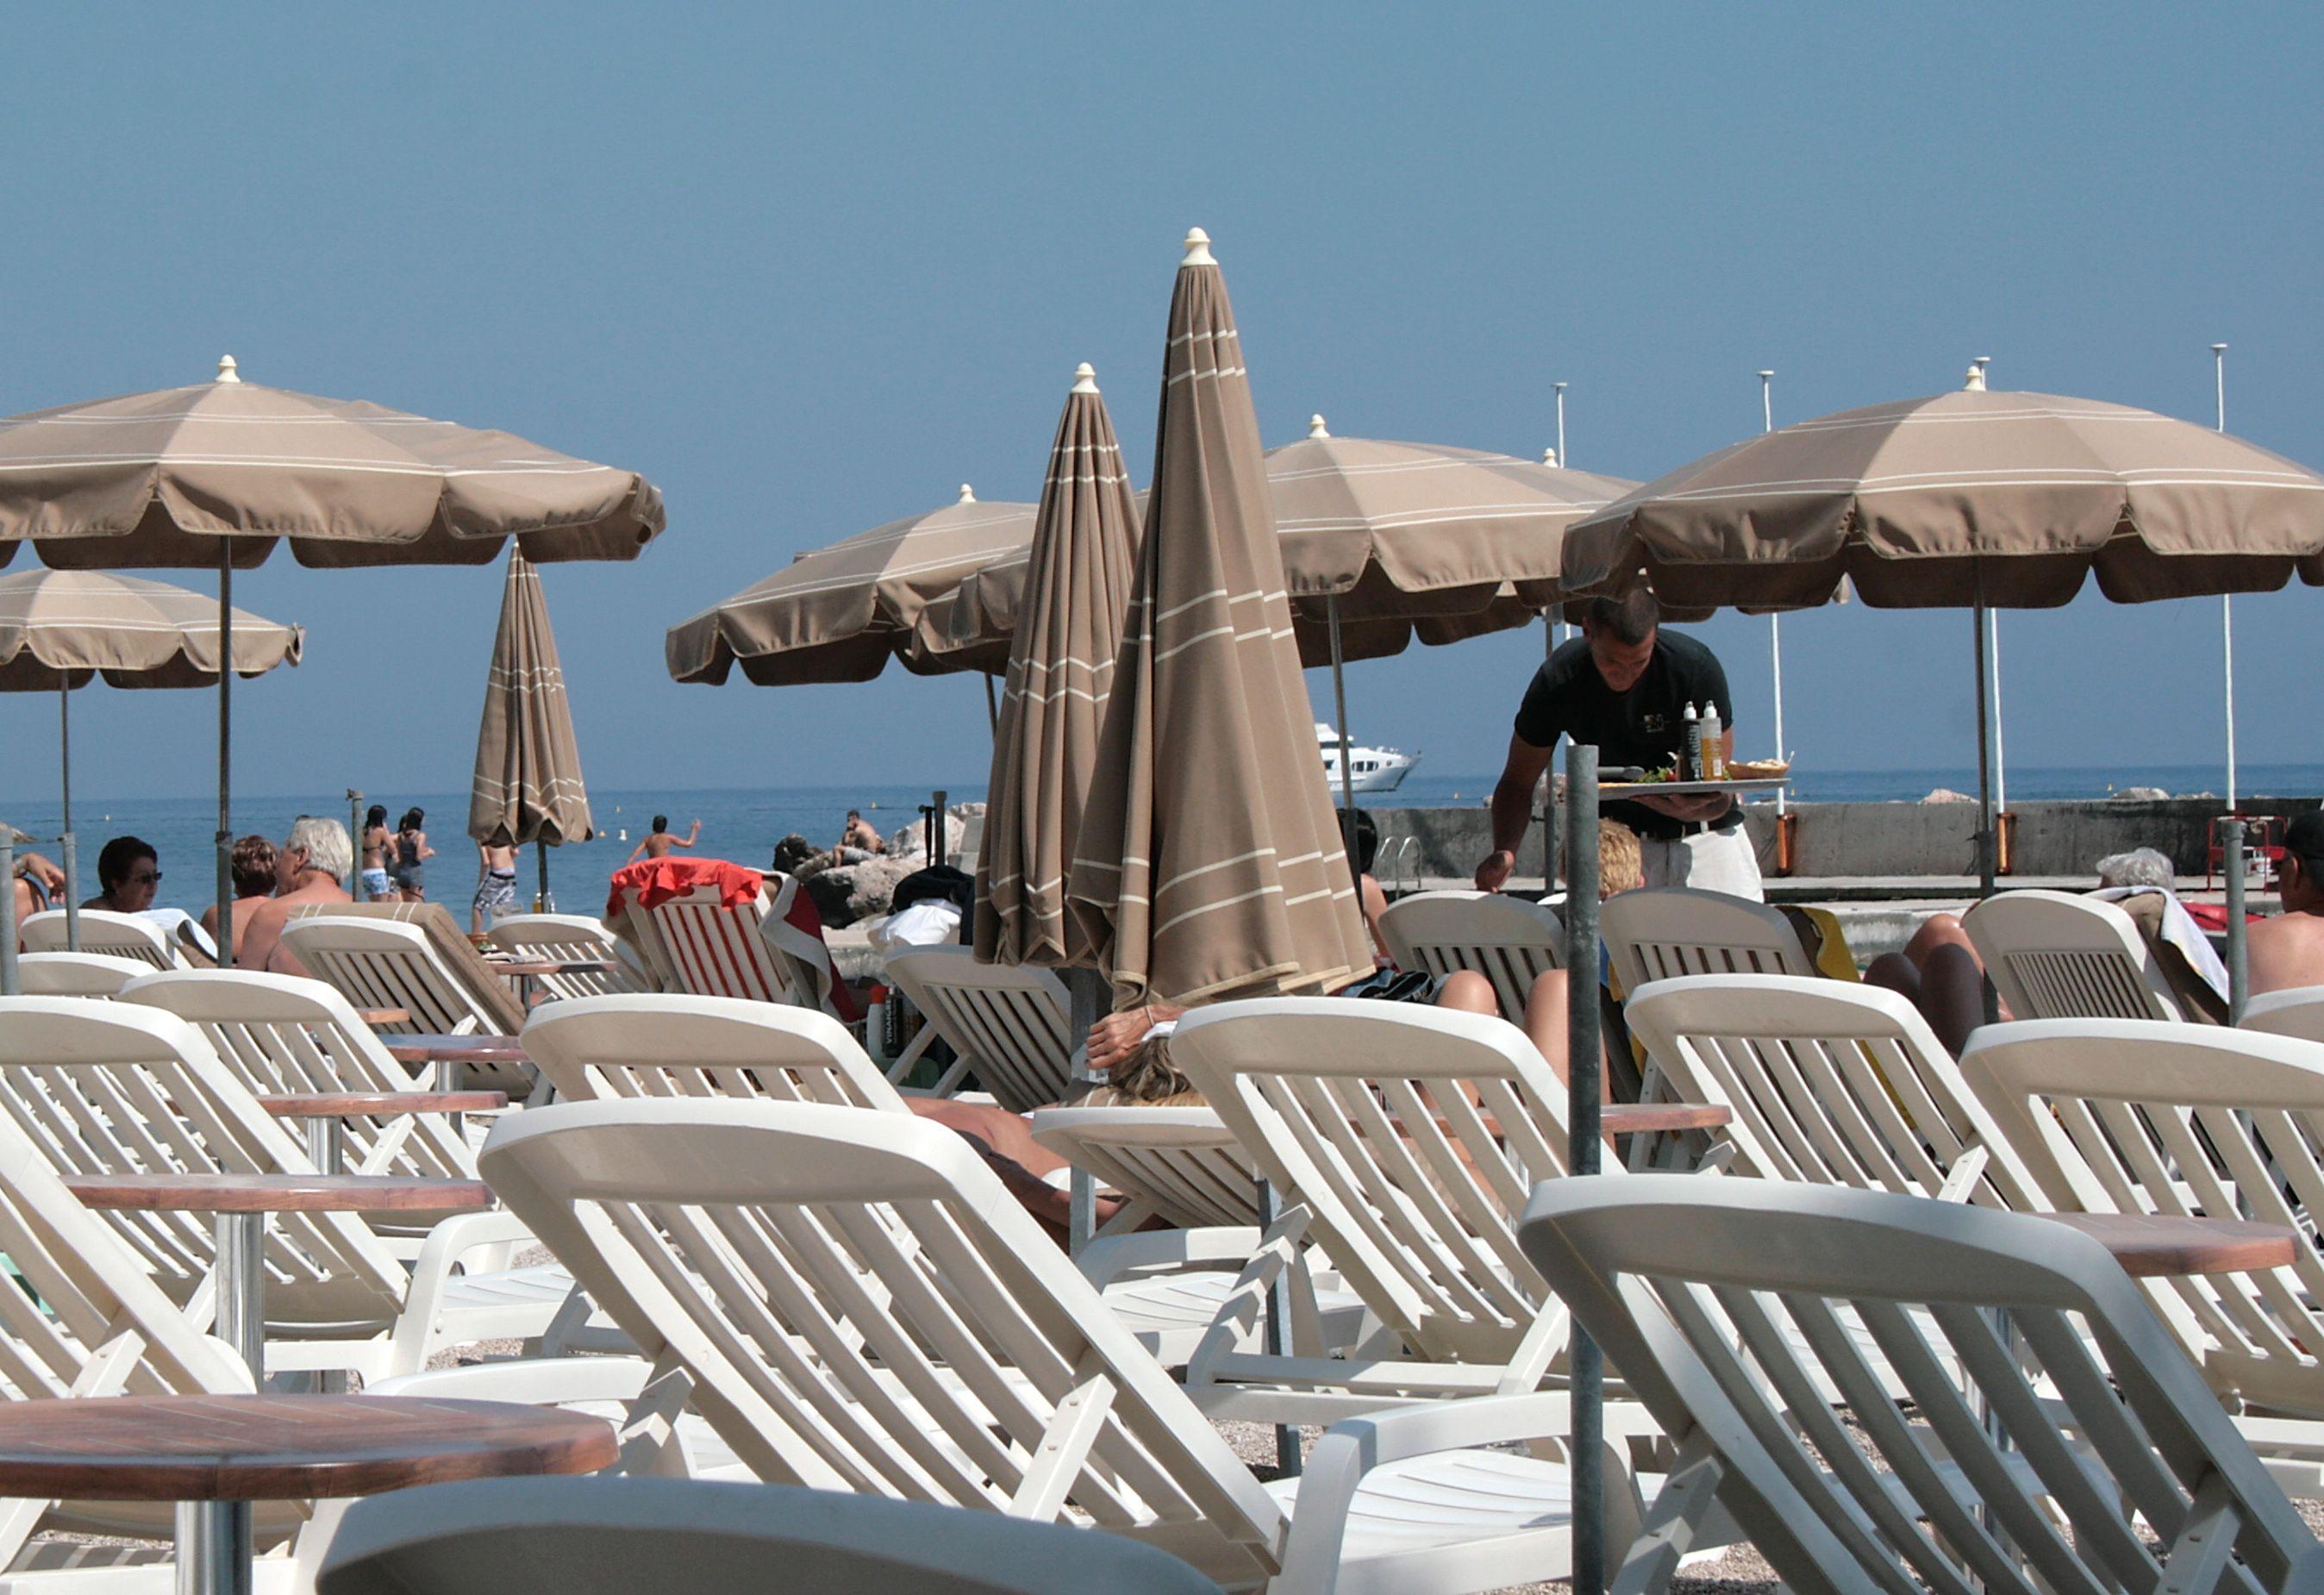 Keitimosi informacija apie sąskaitas banga pasiekė Monaką